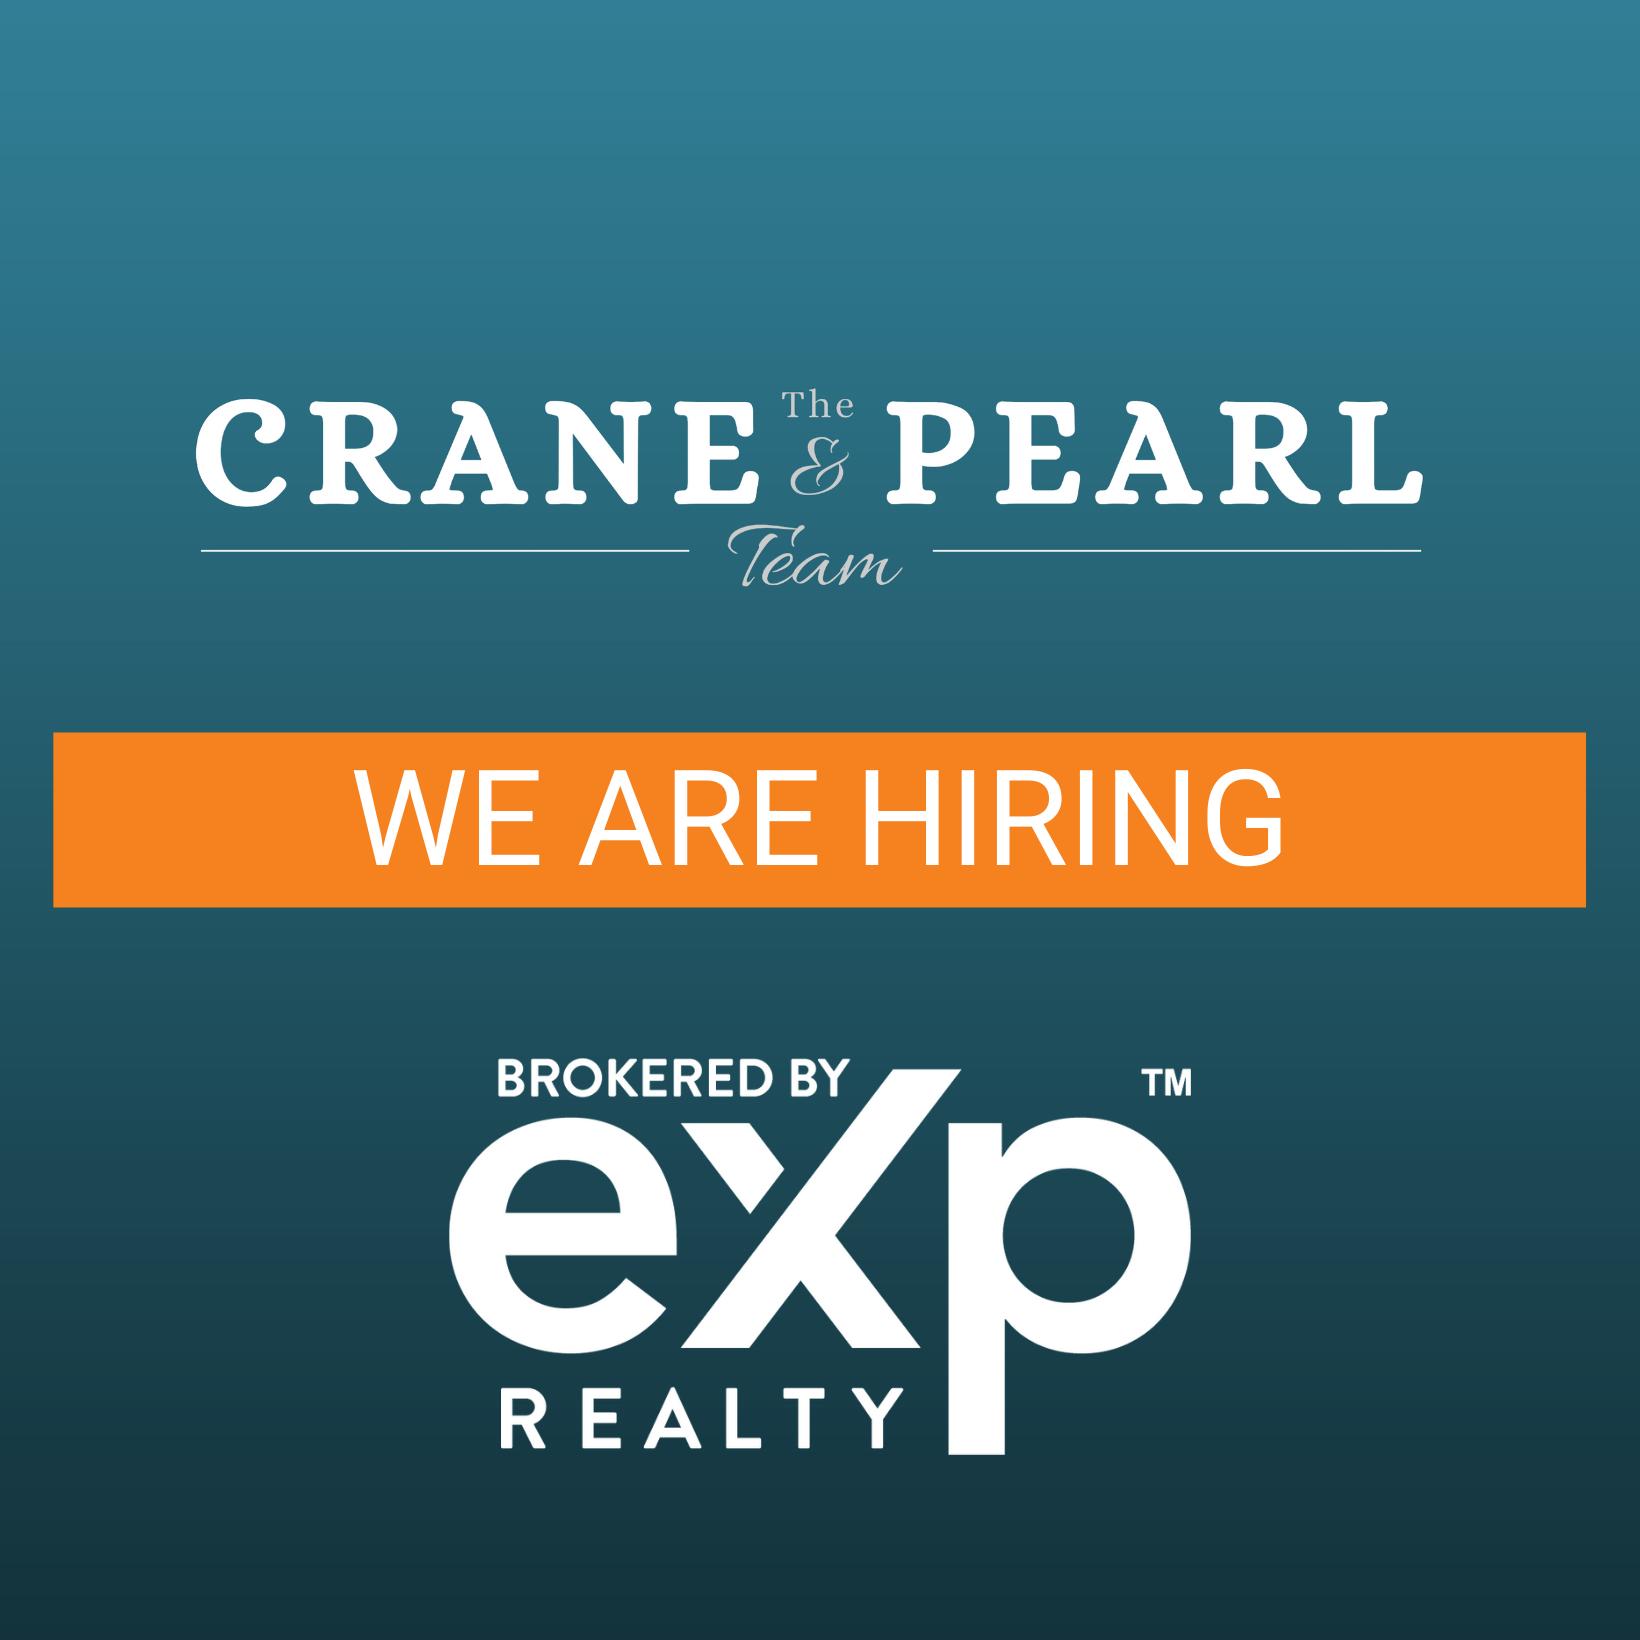 The Crane & Pearl Team logo